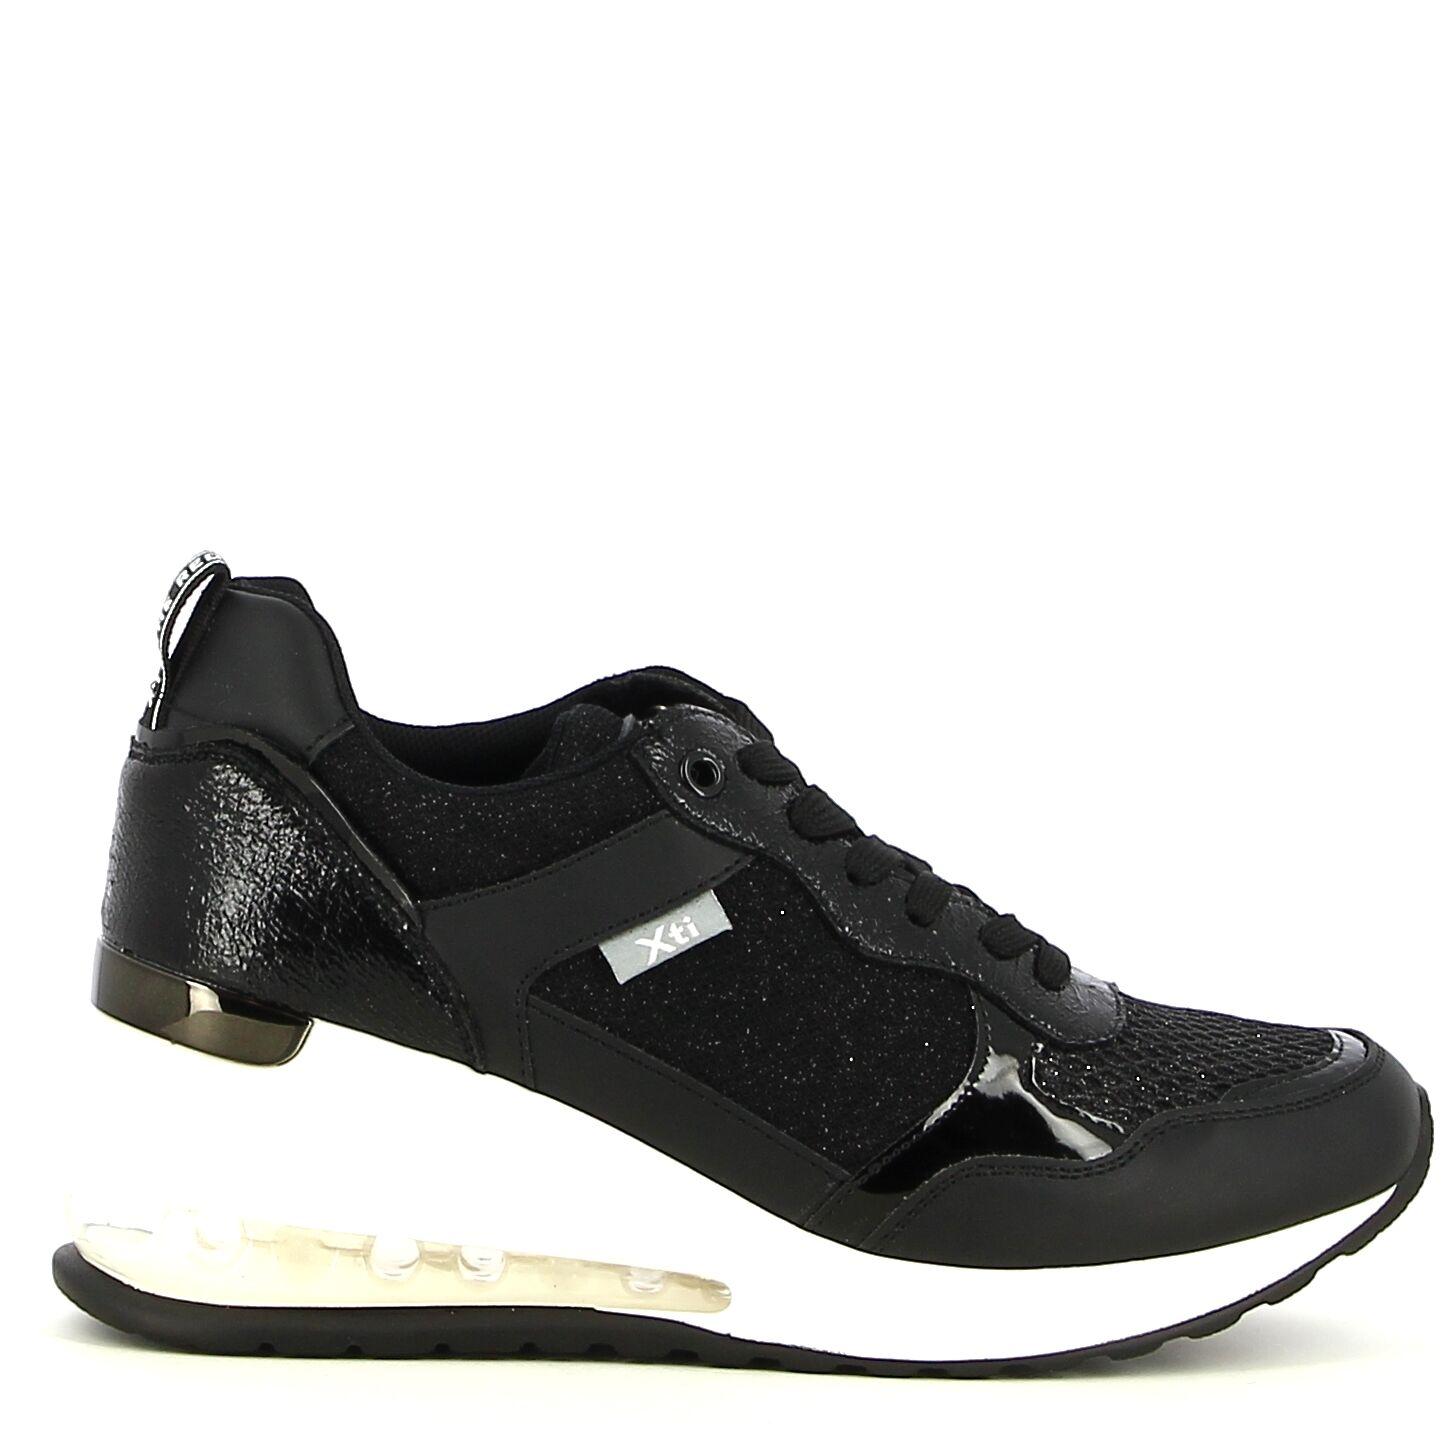 XTI - Zwart - Sneakers